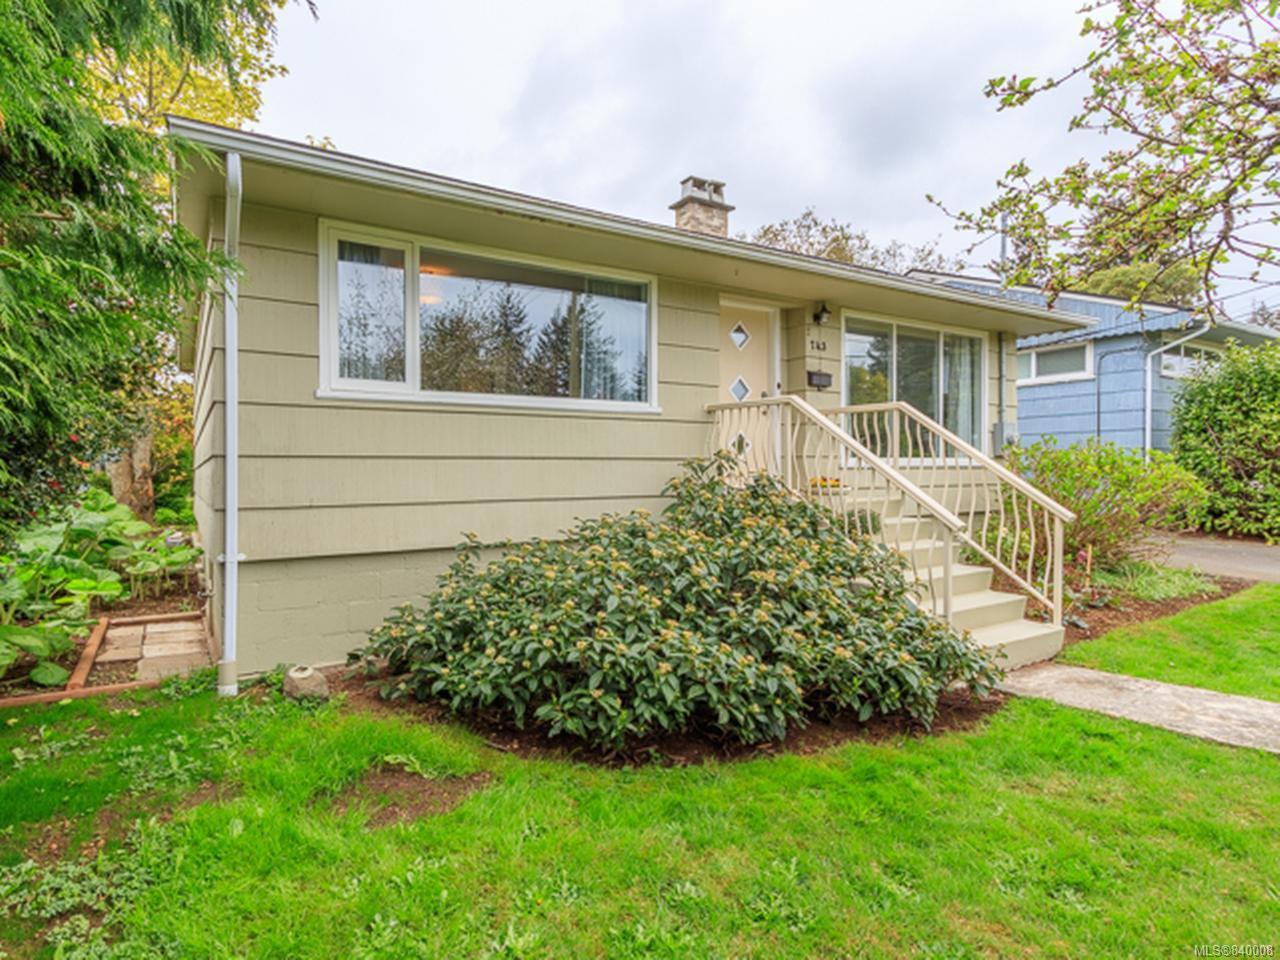 Main Photo: 743 Cadogan St in NANAIMO: Na Central Nanaimo House for sale (Nanaimo)  : MLS®# 840008